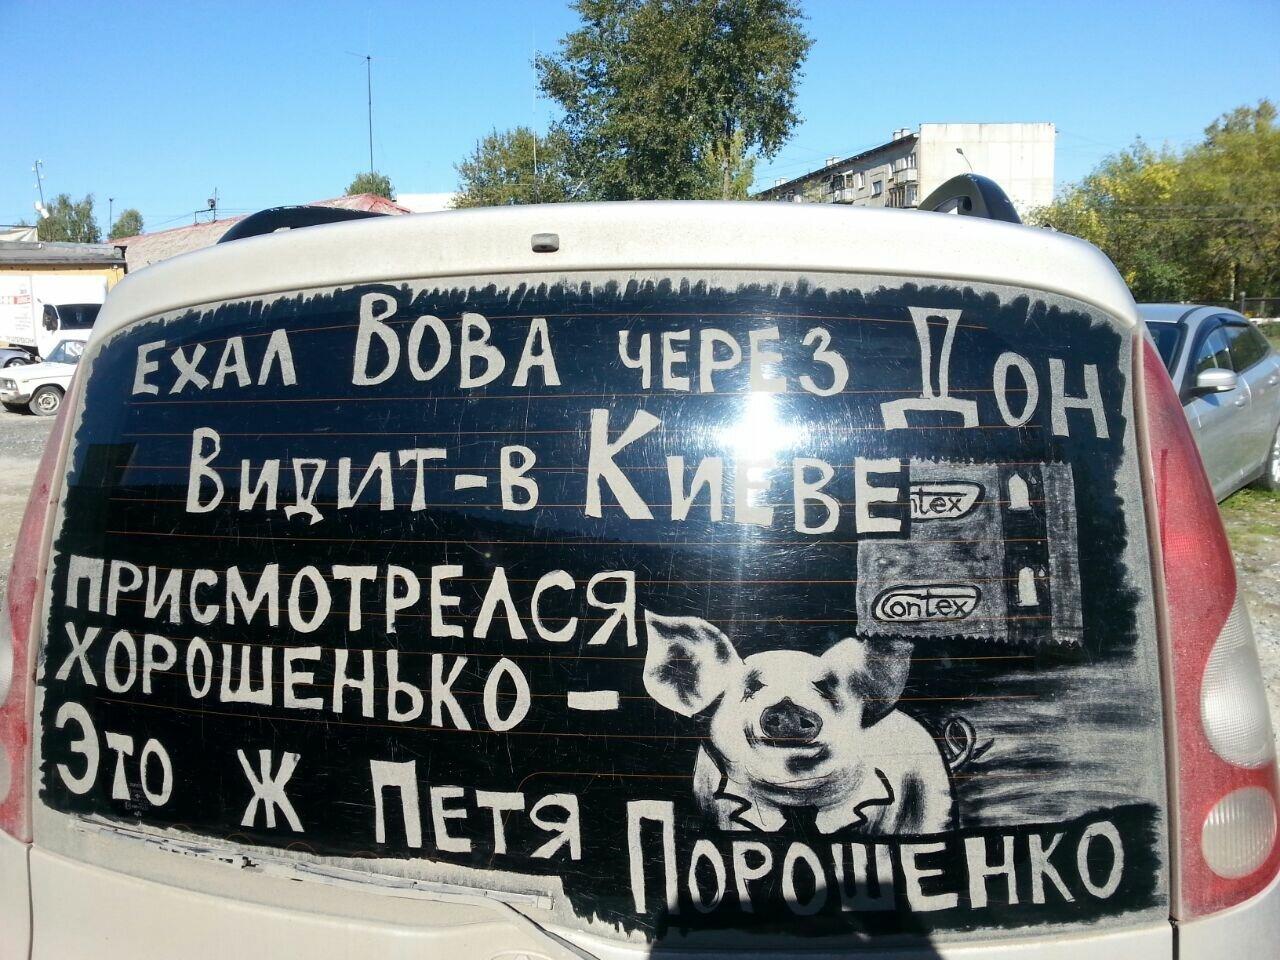 Смешные картинки с надписями на украинском